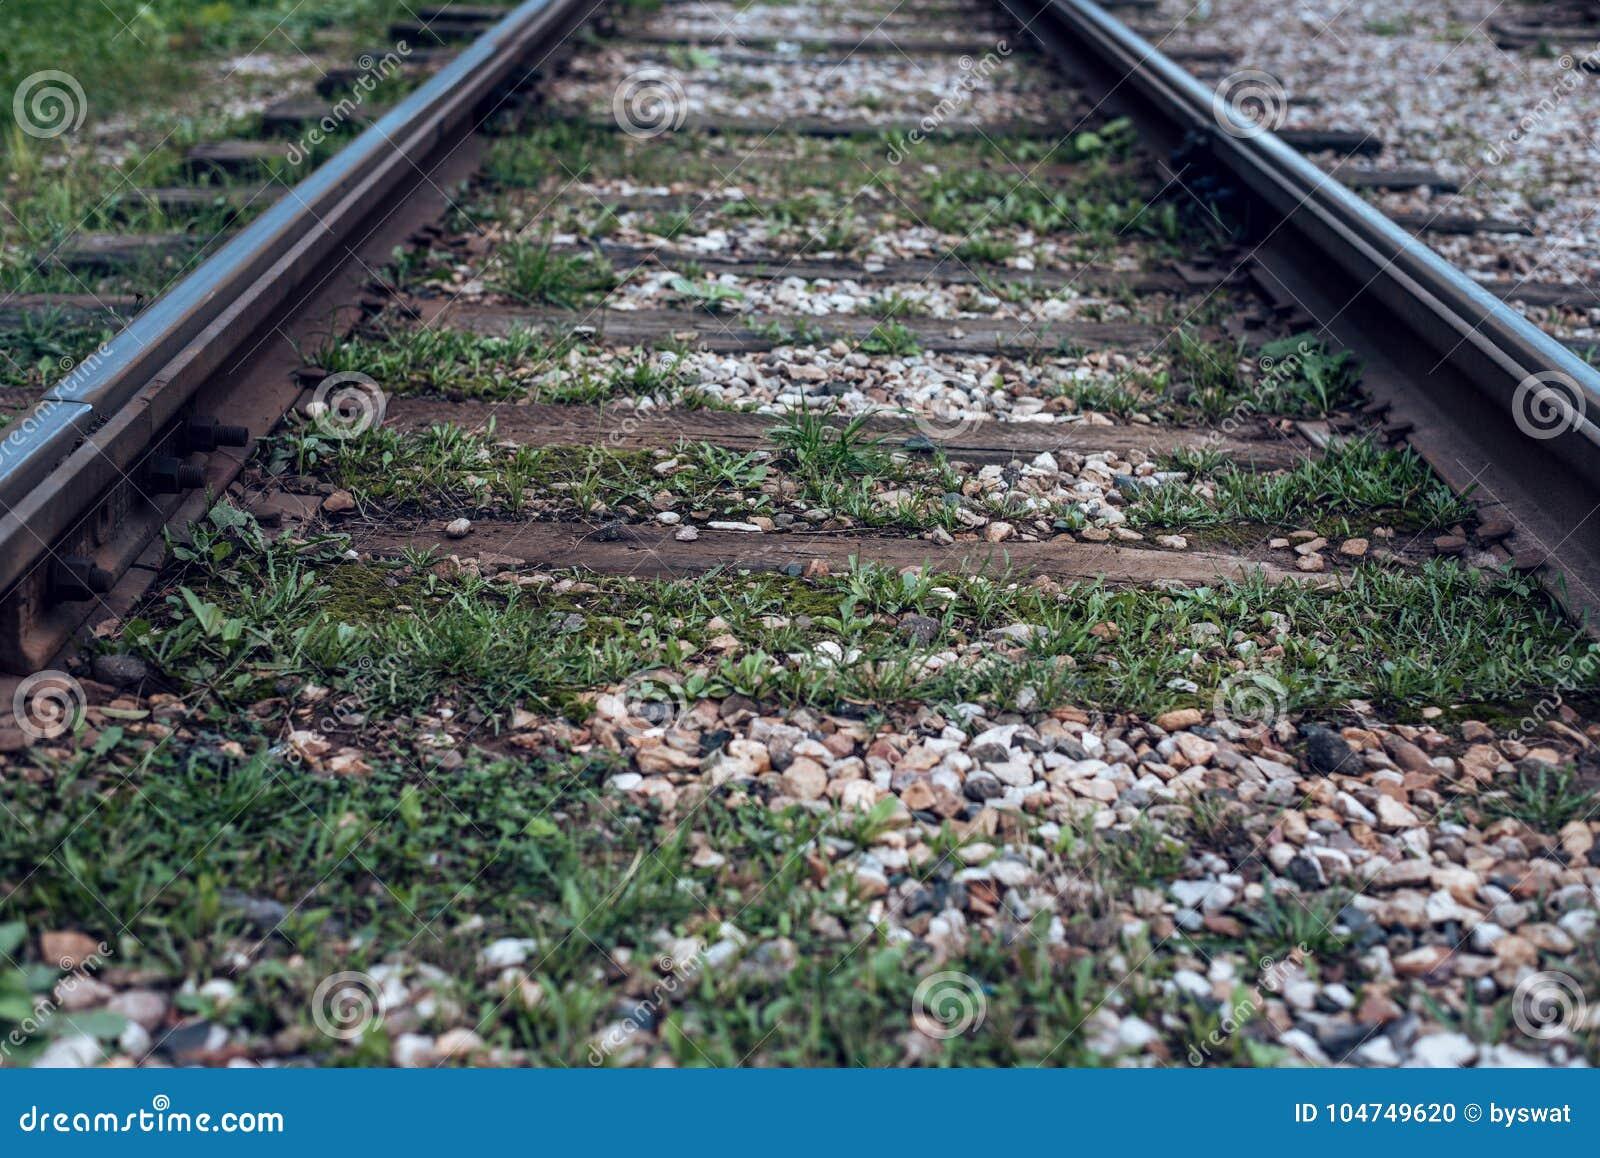 Carriles viejos de la tranvía, primer, otoño del verano, entre los durmientes hierba, grava y piedras en la ciudad